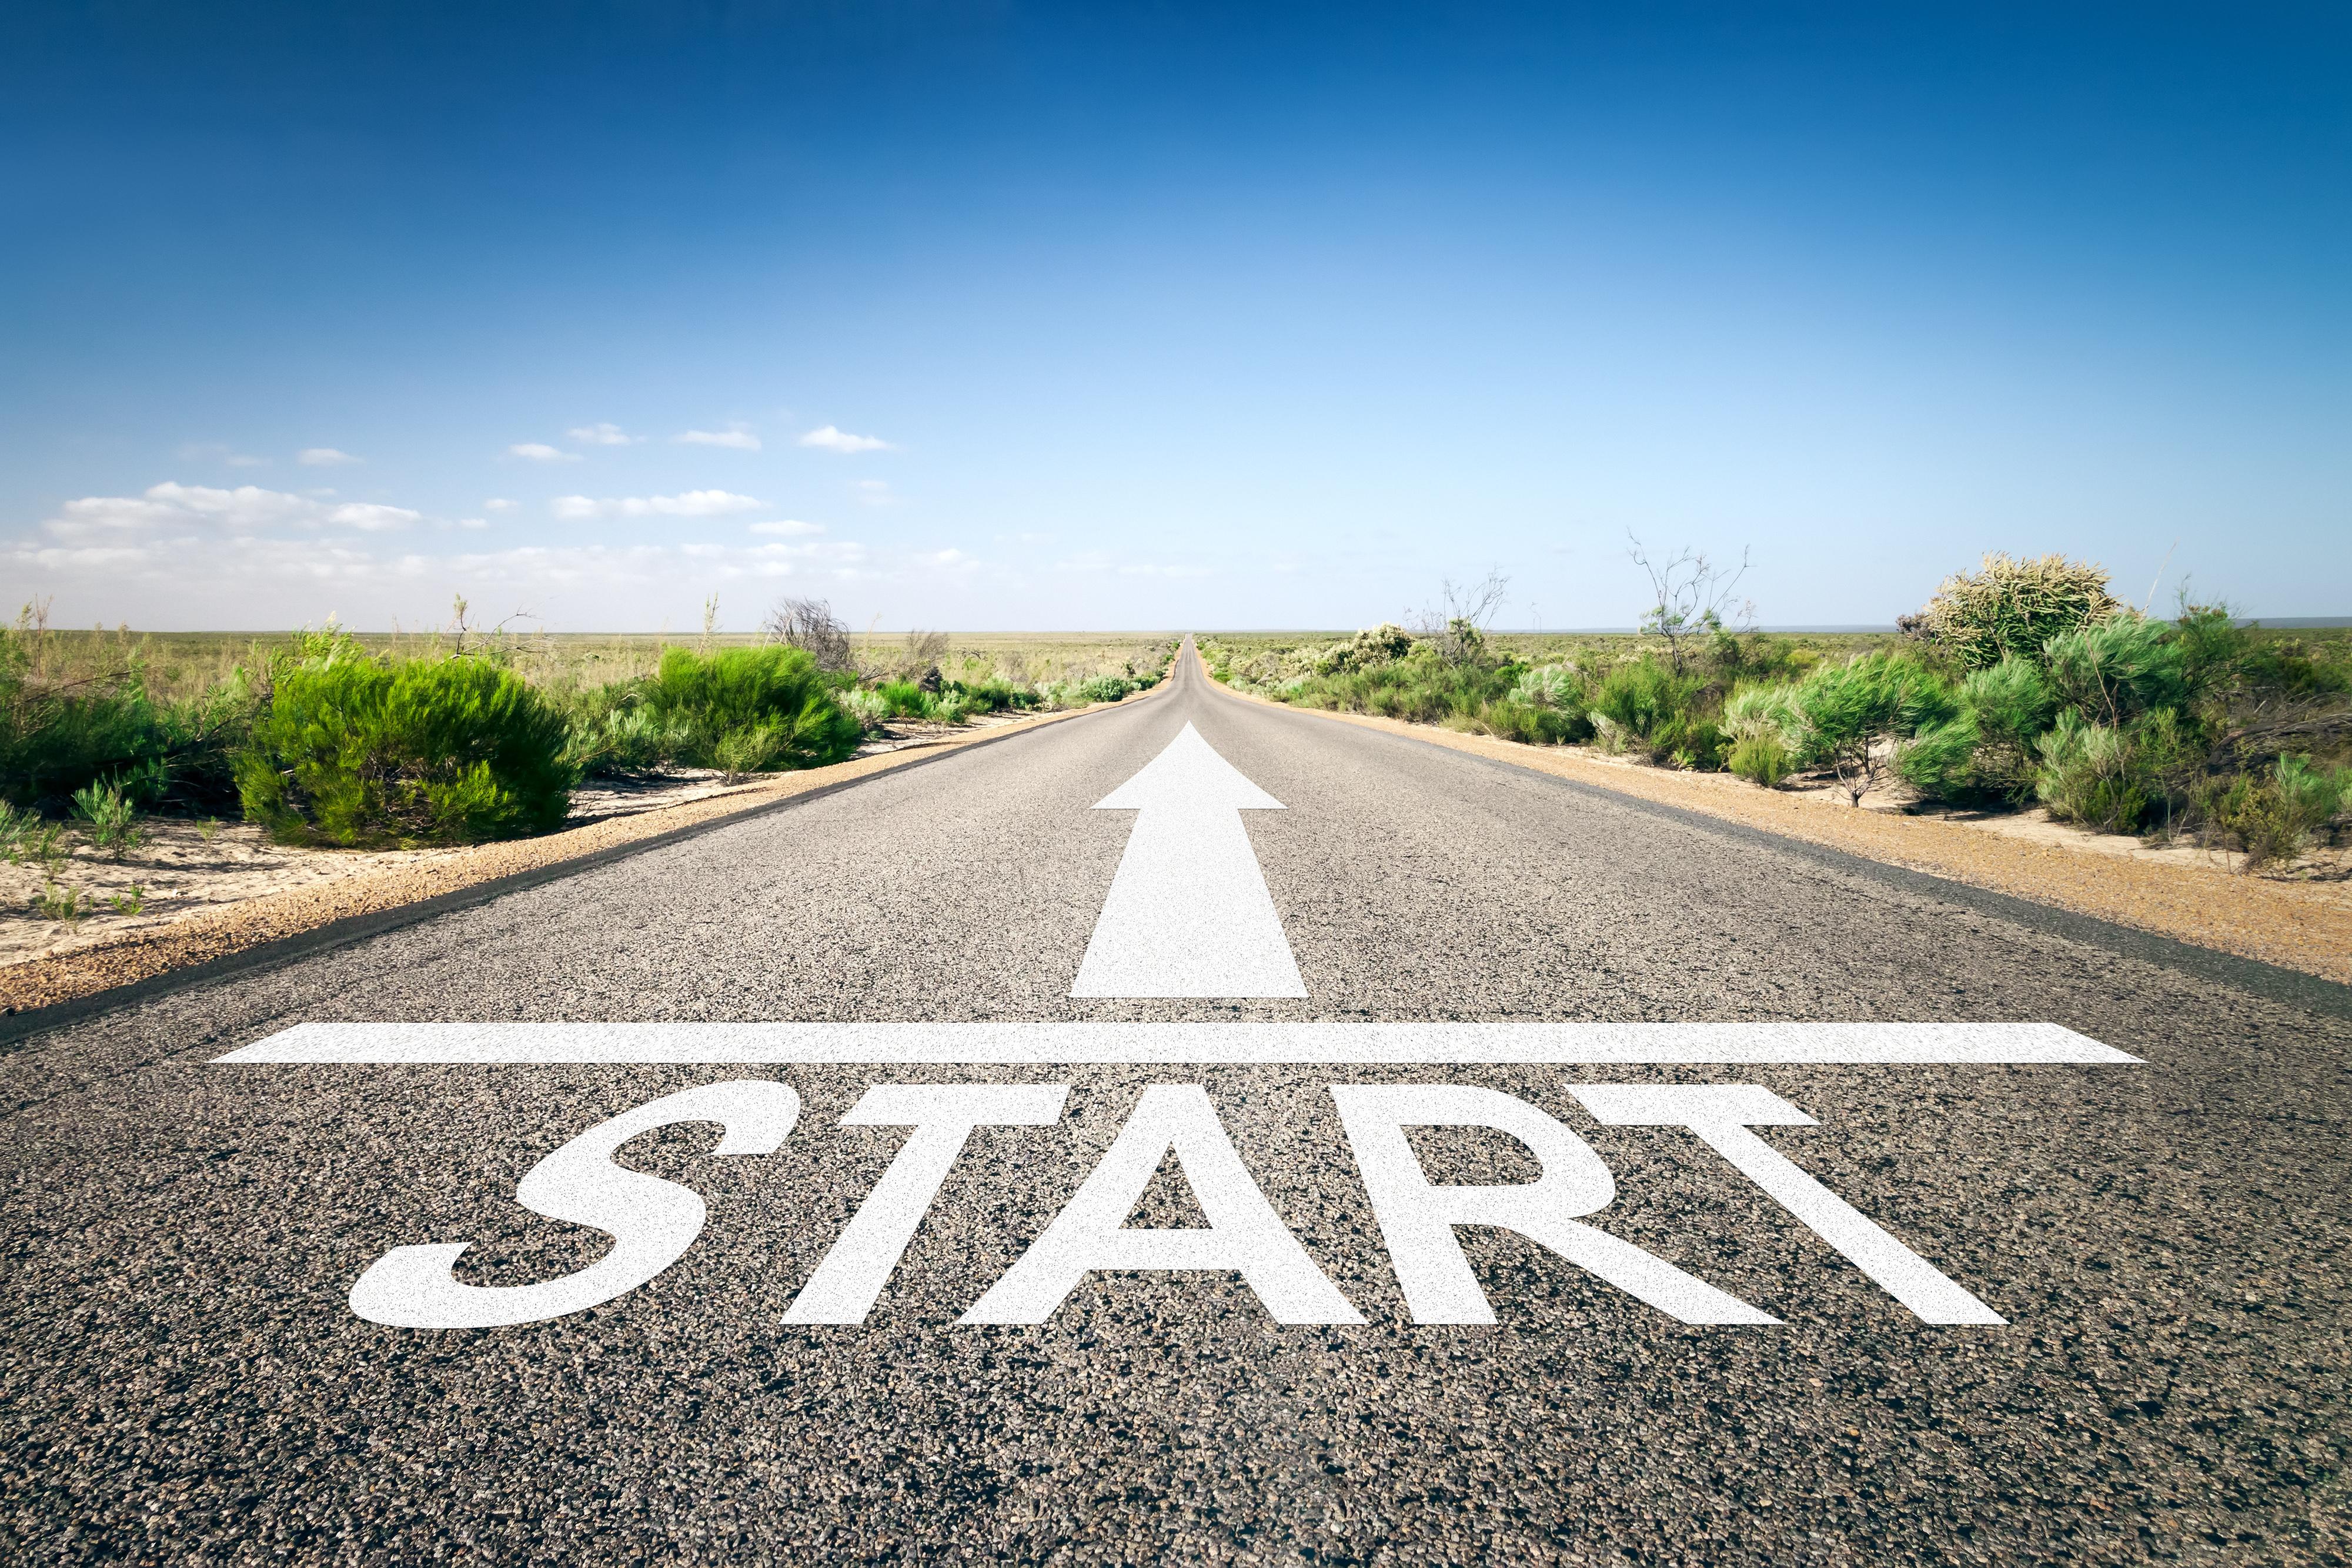 5 coisas que você deveria começar fazer agora mesmo para deixar de ser pobre (a 4ª gera resultado mais rápido!)